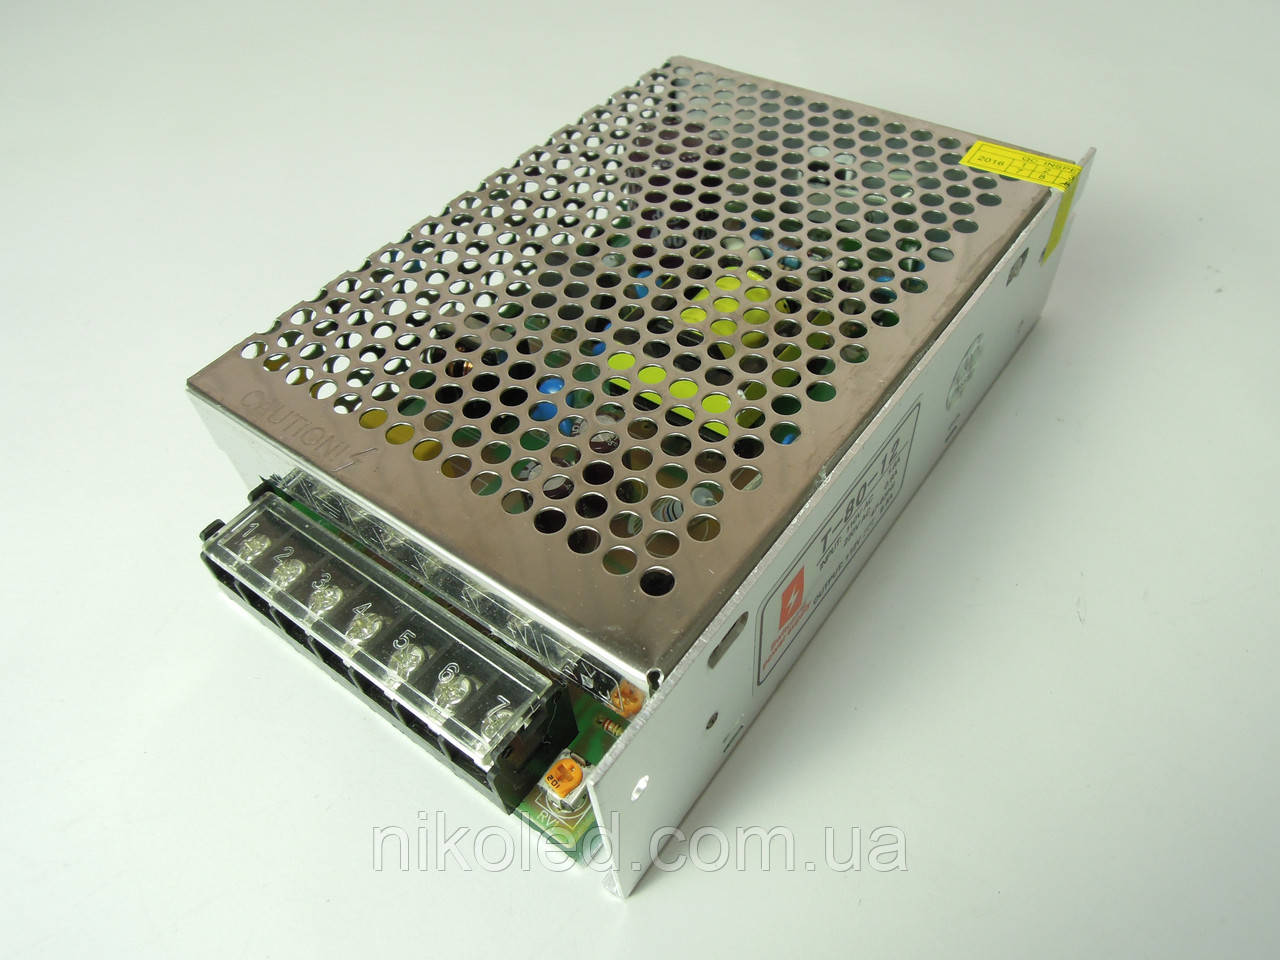 Блок питания негерм 220VAC 12VDC 6,5A T